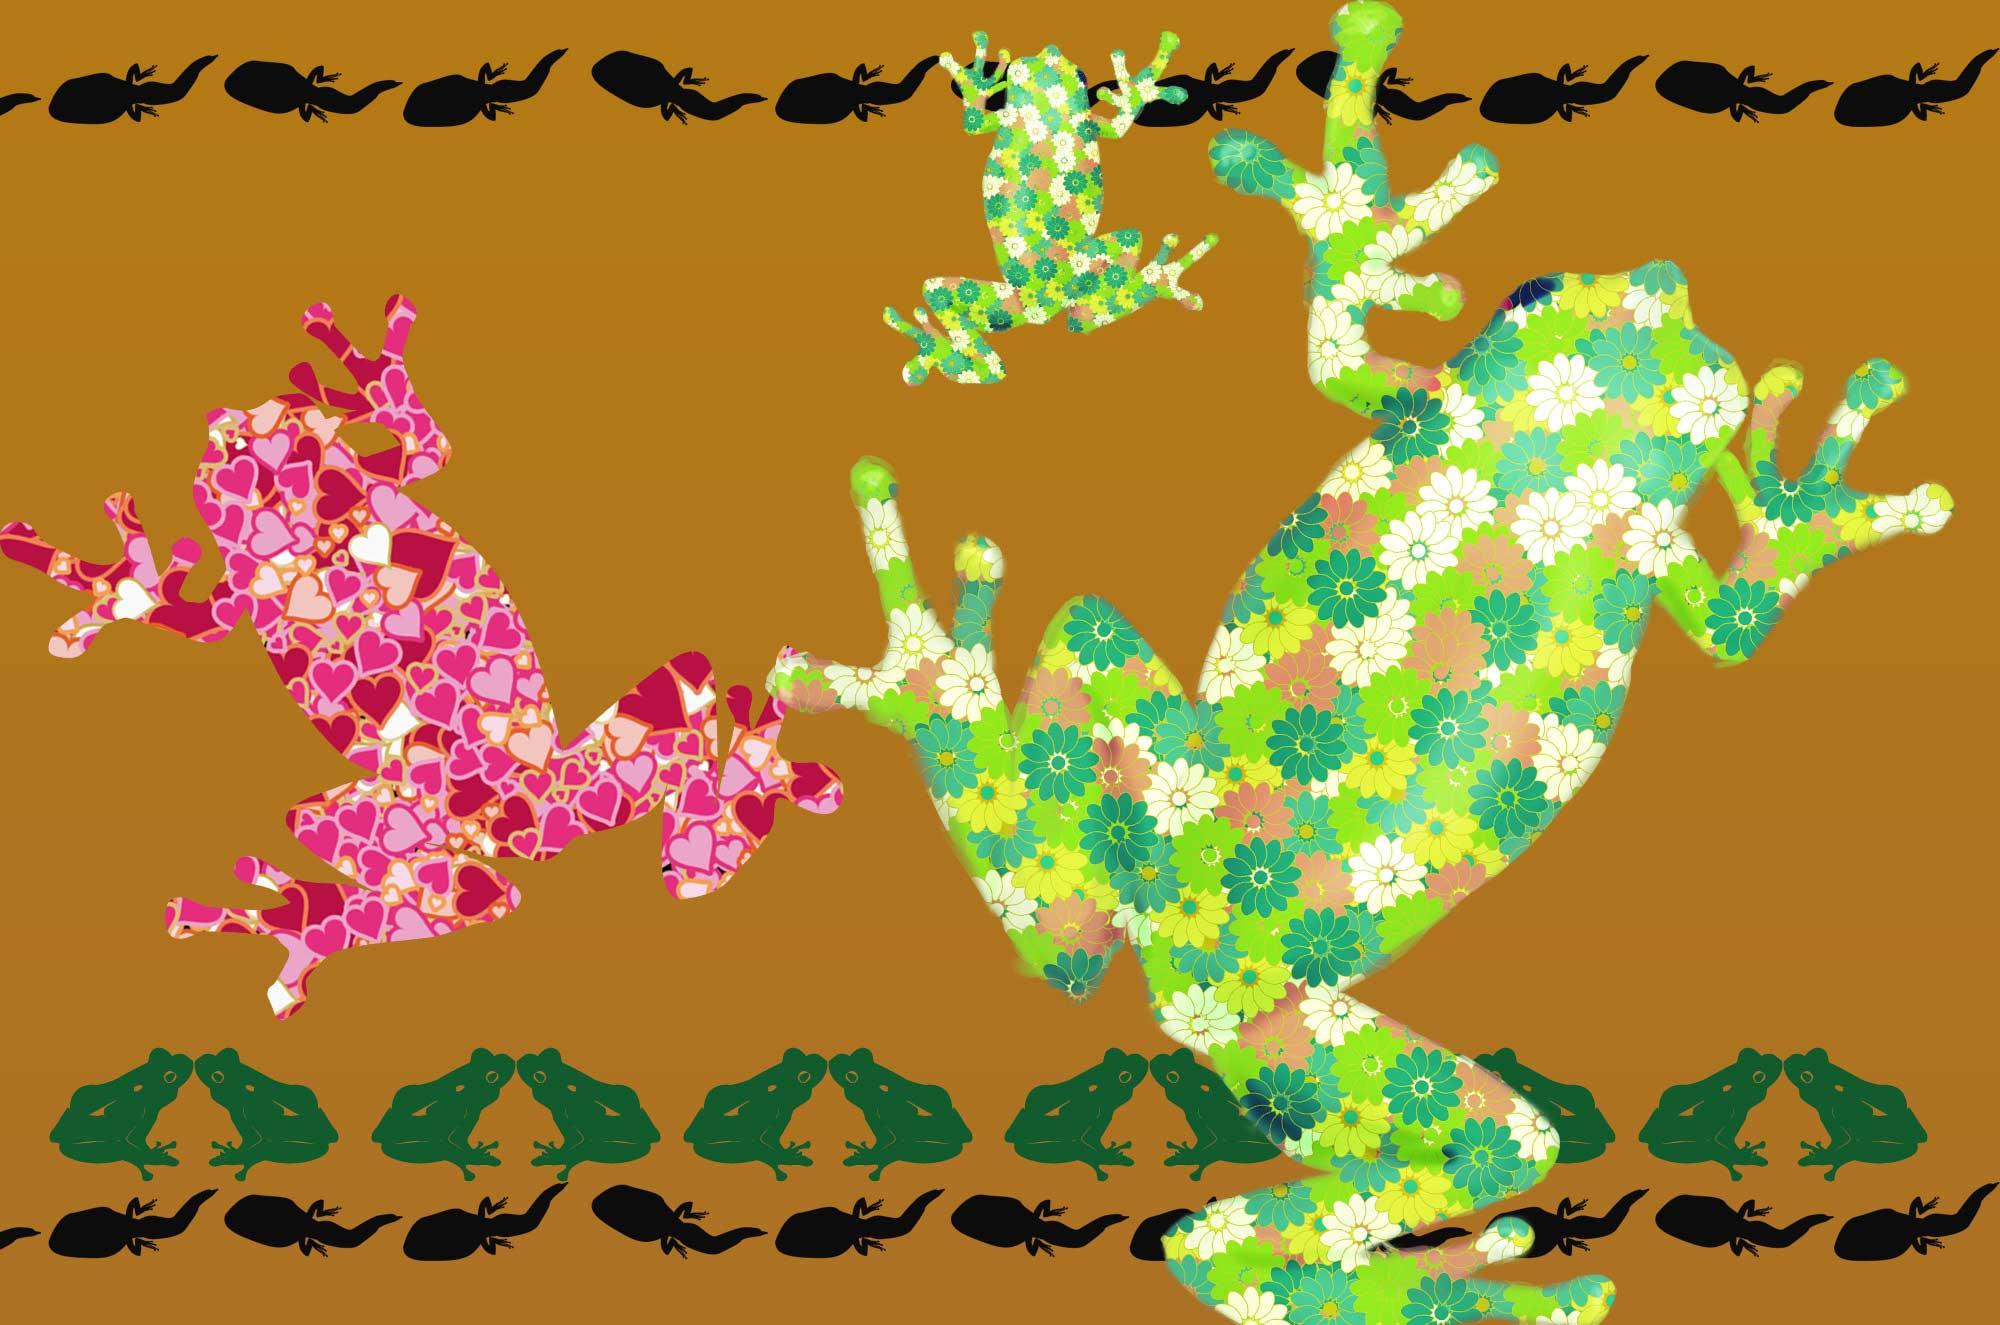 カエルの無料イラスト -可愛い蛙と面白いキャラクター素材